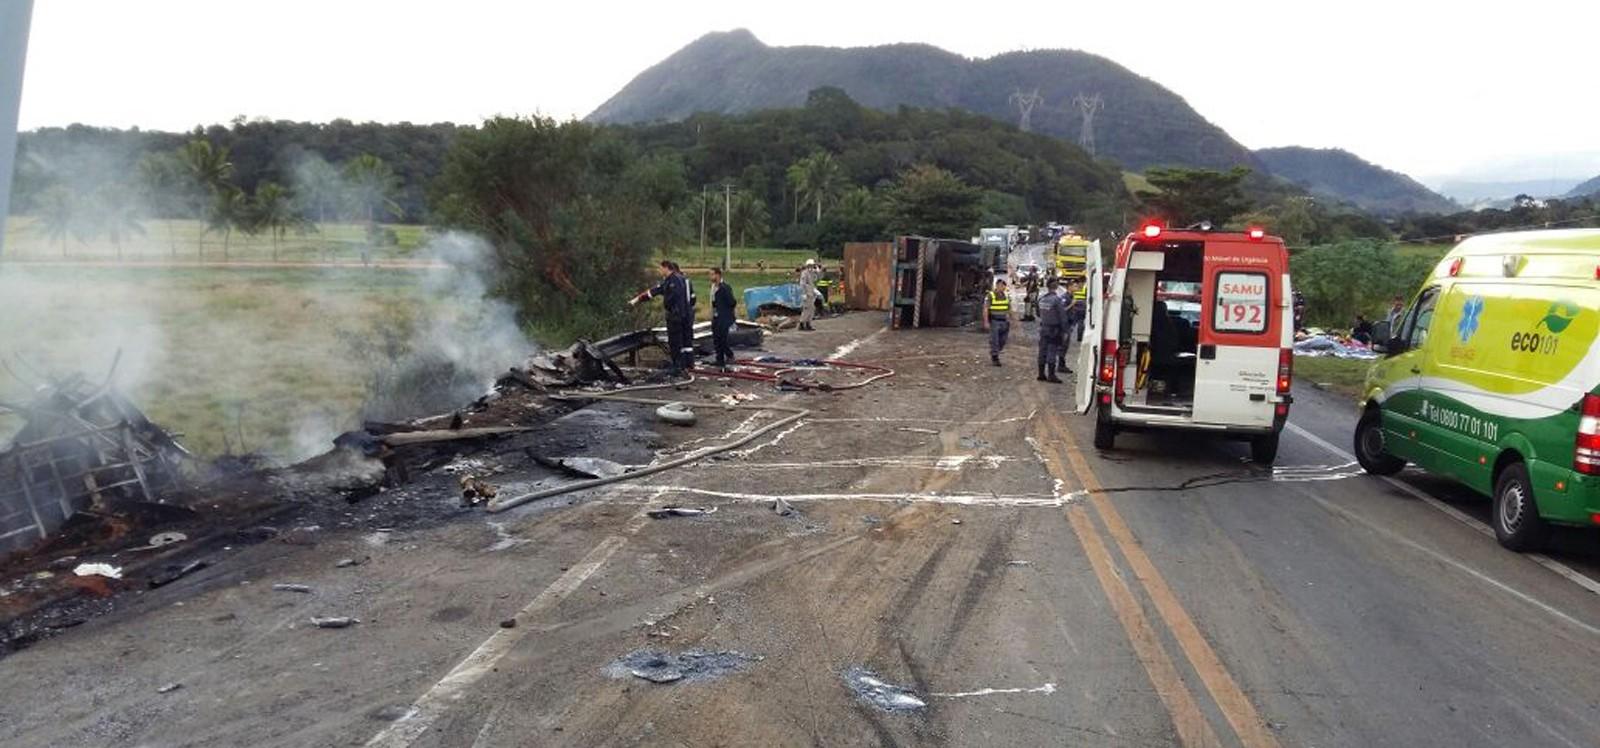 Acidente entre duas ambulâncias, ônibus e carreta deixa 21 mortos na BR-101 em Guarapari no Espírito Santo